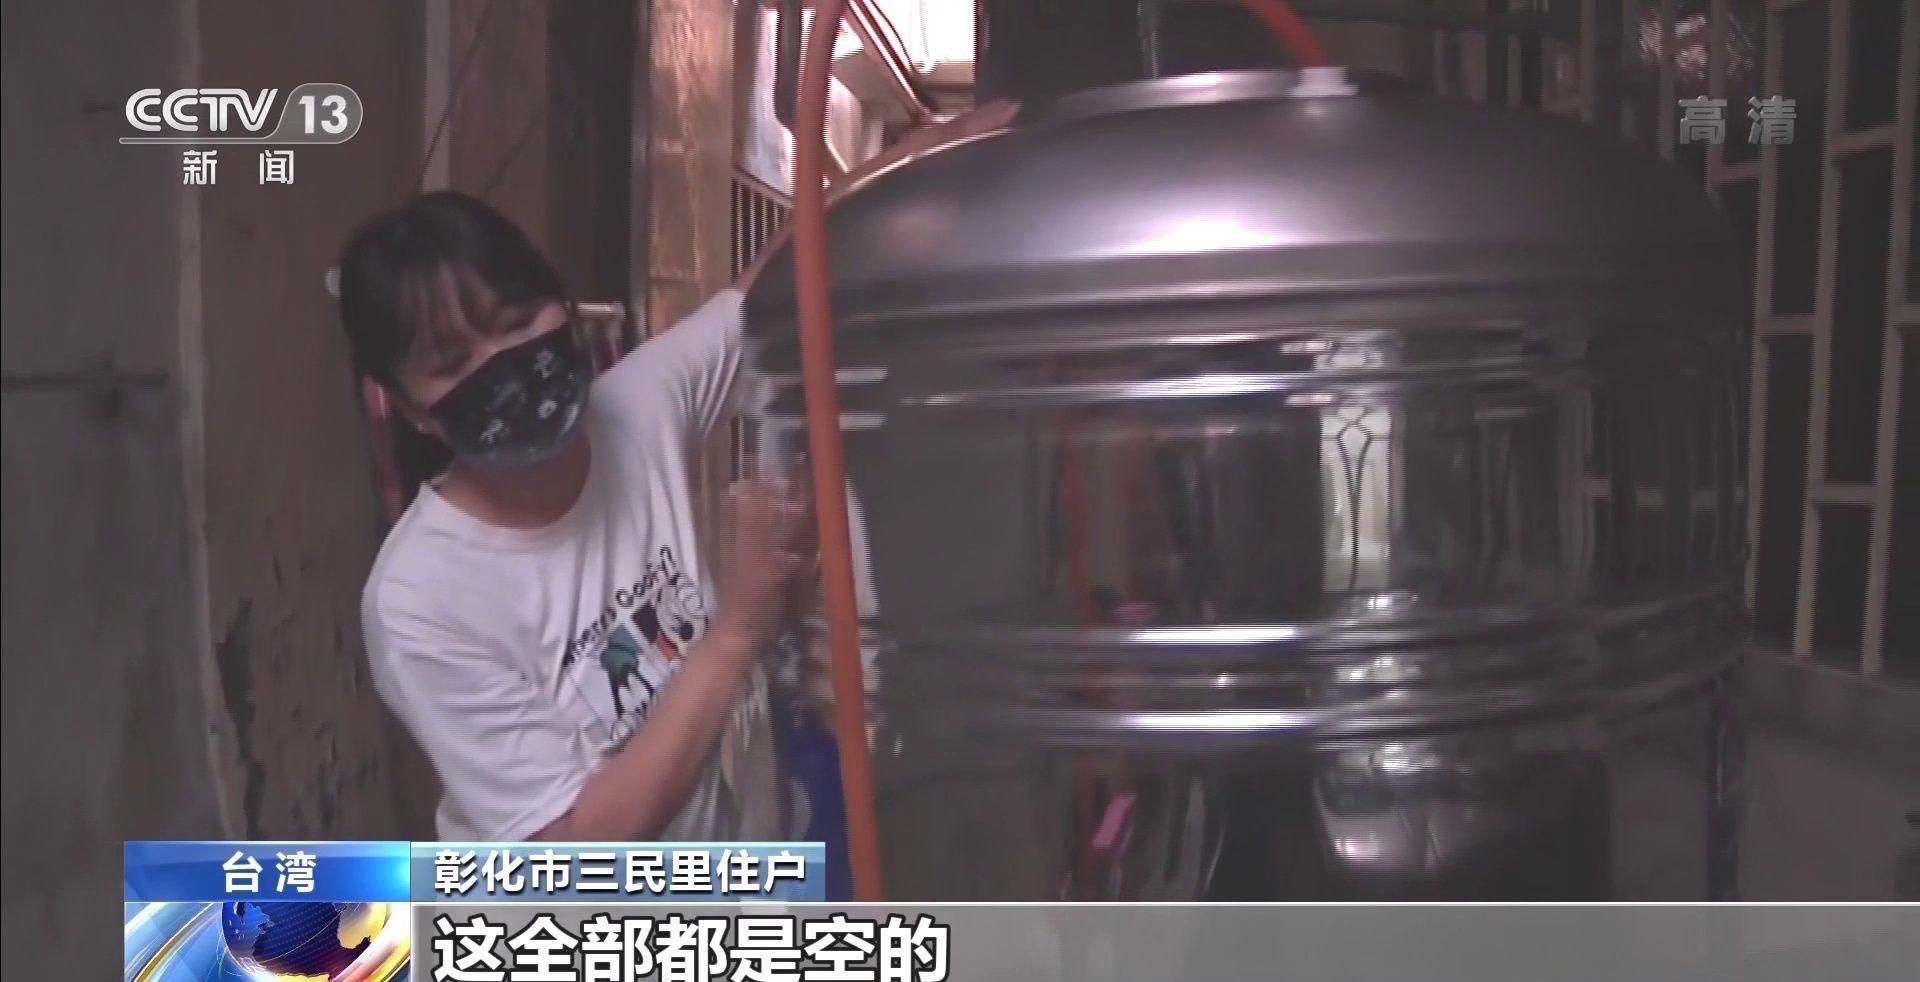 吉林大学考试中心网_黑龙江移动_华为网盘搜索